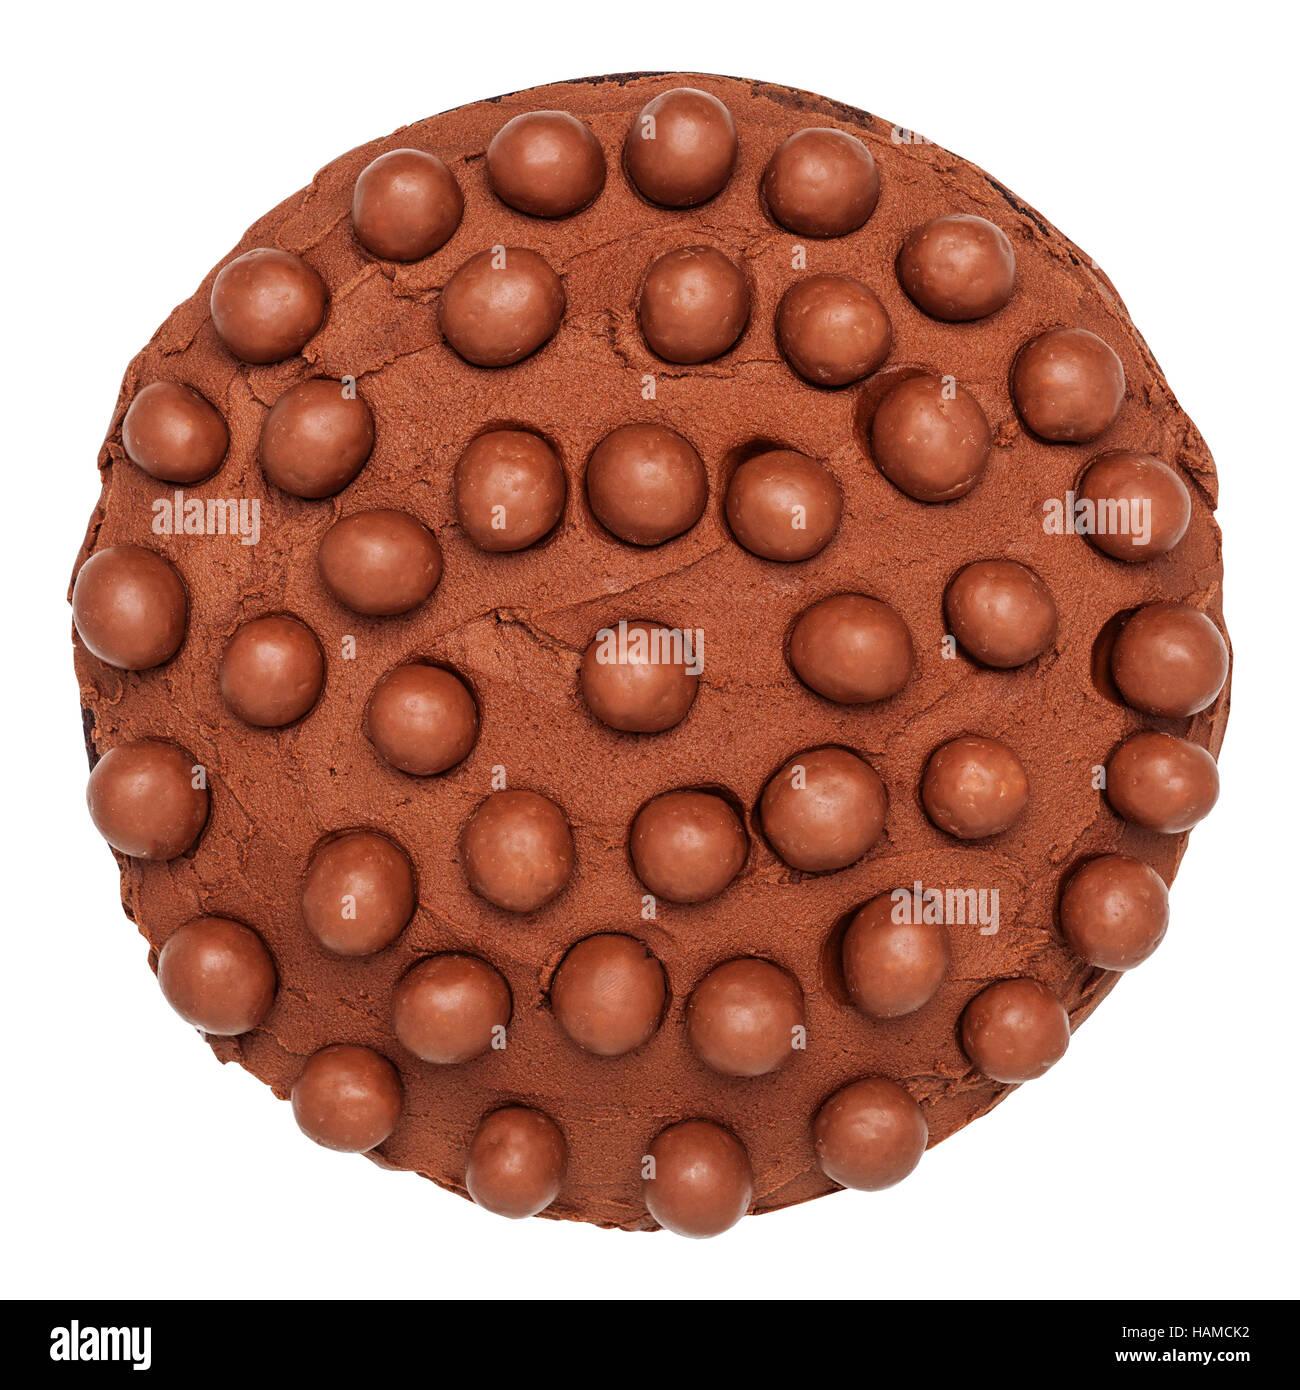 Un gâteau au chocolat fait maison sur un fond blanc Photo Stock